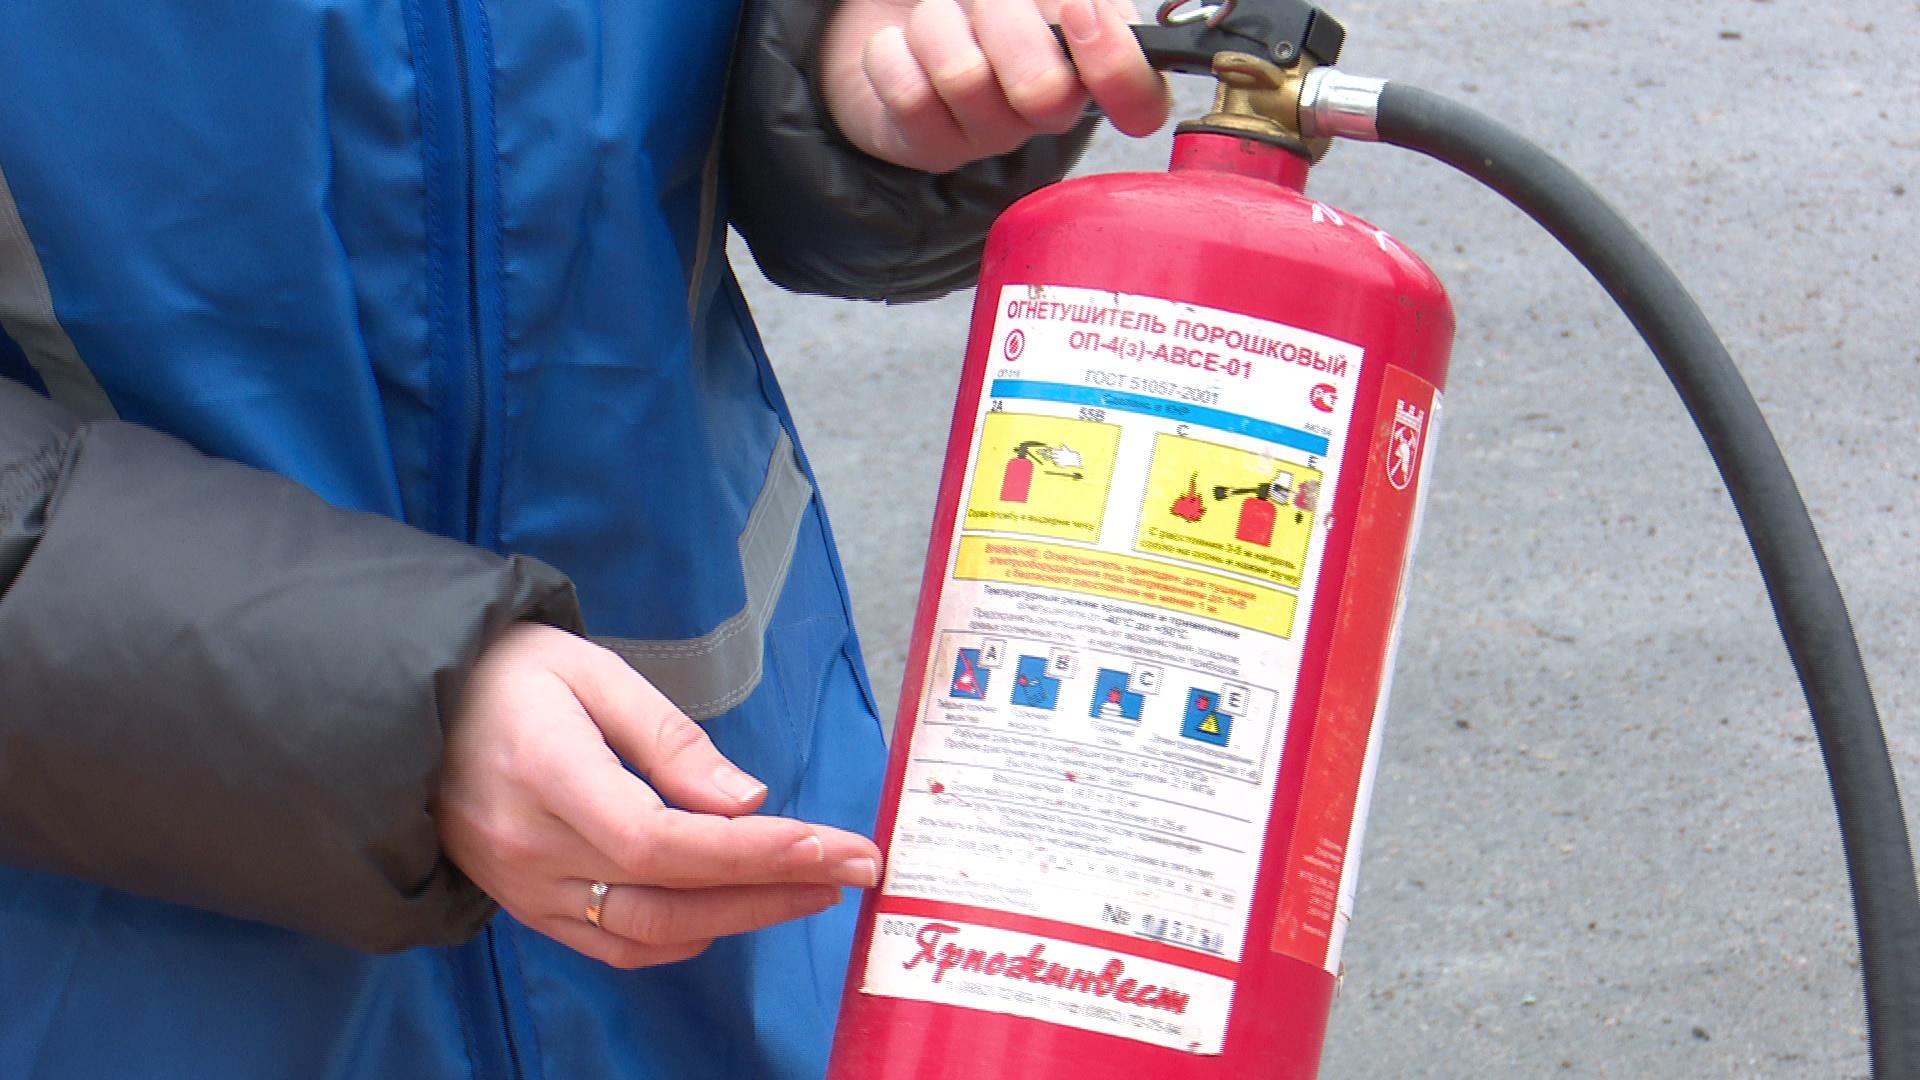 Обязательно проверяются огнетушители - нормы по количеству, места расстановки, своевременная поверка и перезарядка.